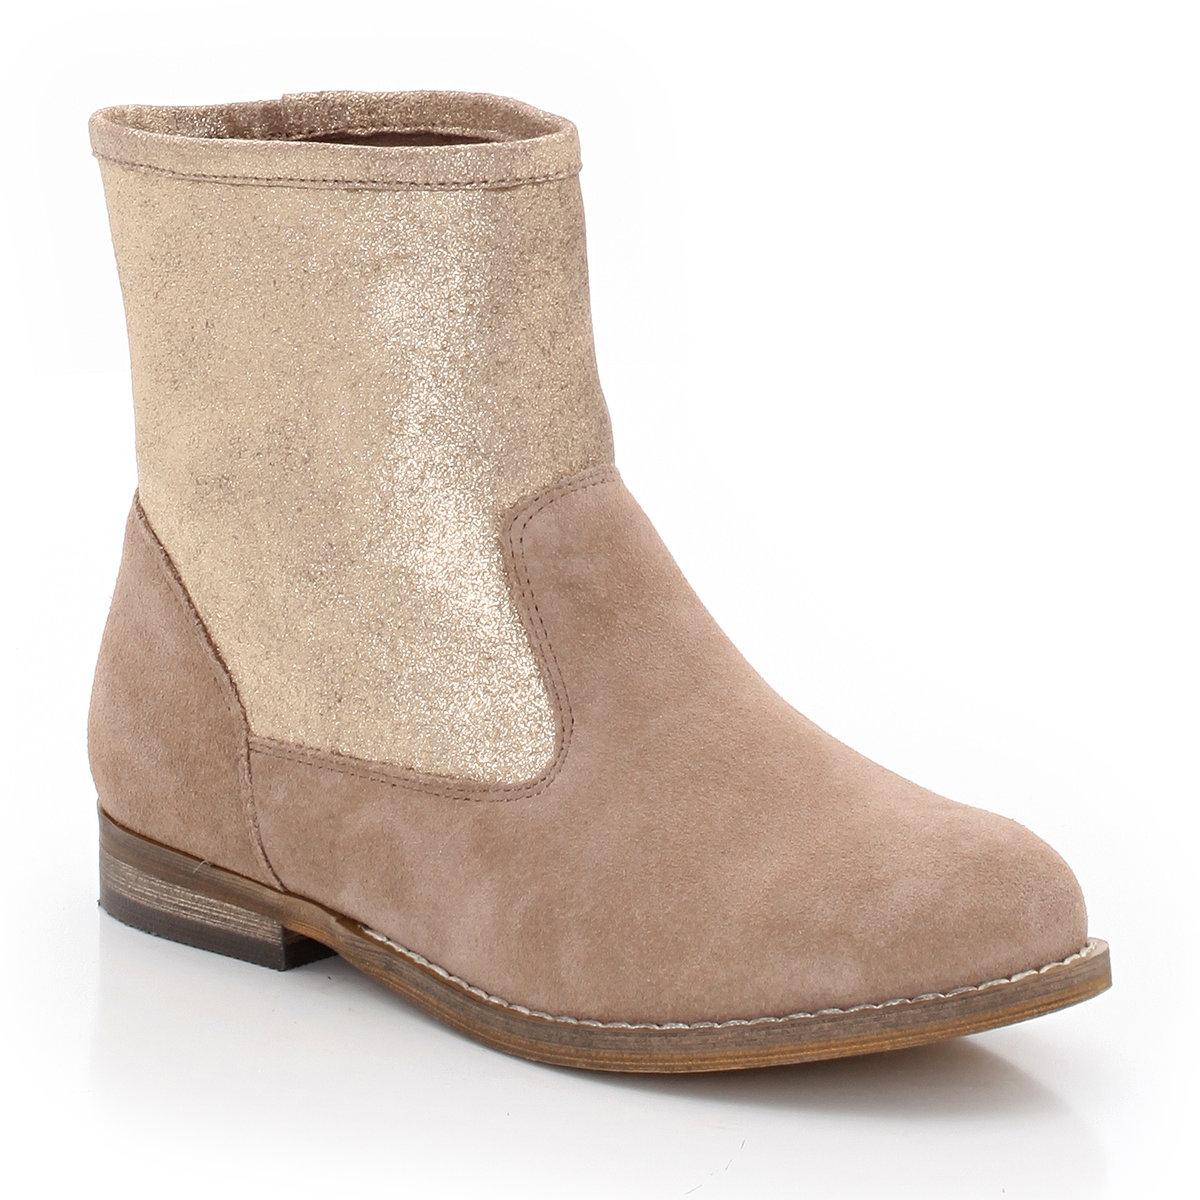 Ботинки из замшиСтильные ботинки из переливащейся замши, перед которыми невозможно устоять. Идеально сочетаются с шортами, юбкой или брюками! Поставка в белой коробке.<br><br>Цвет: бежевый<br>Размер: 38